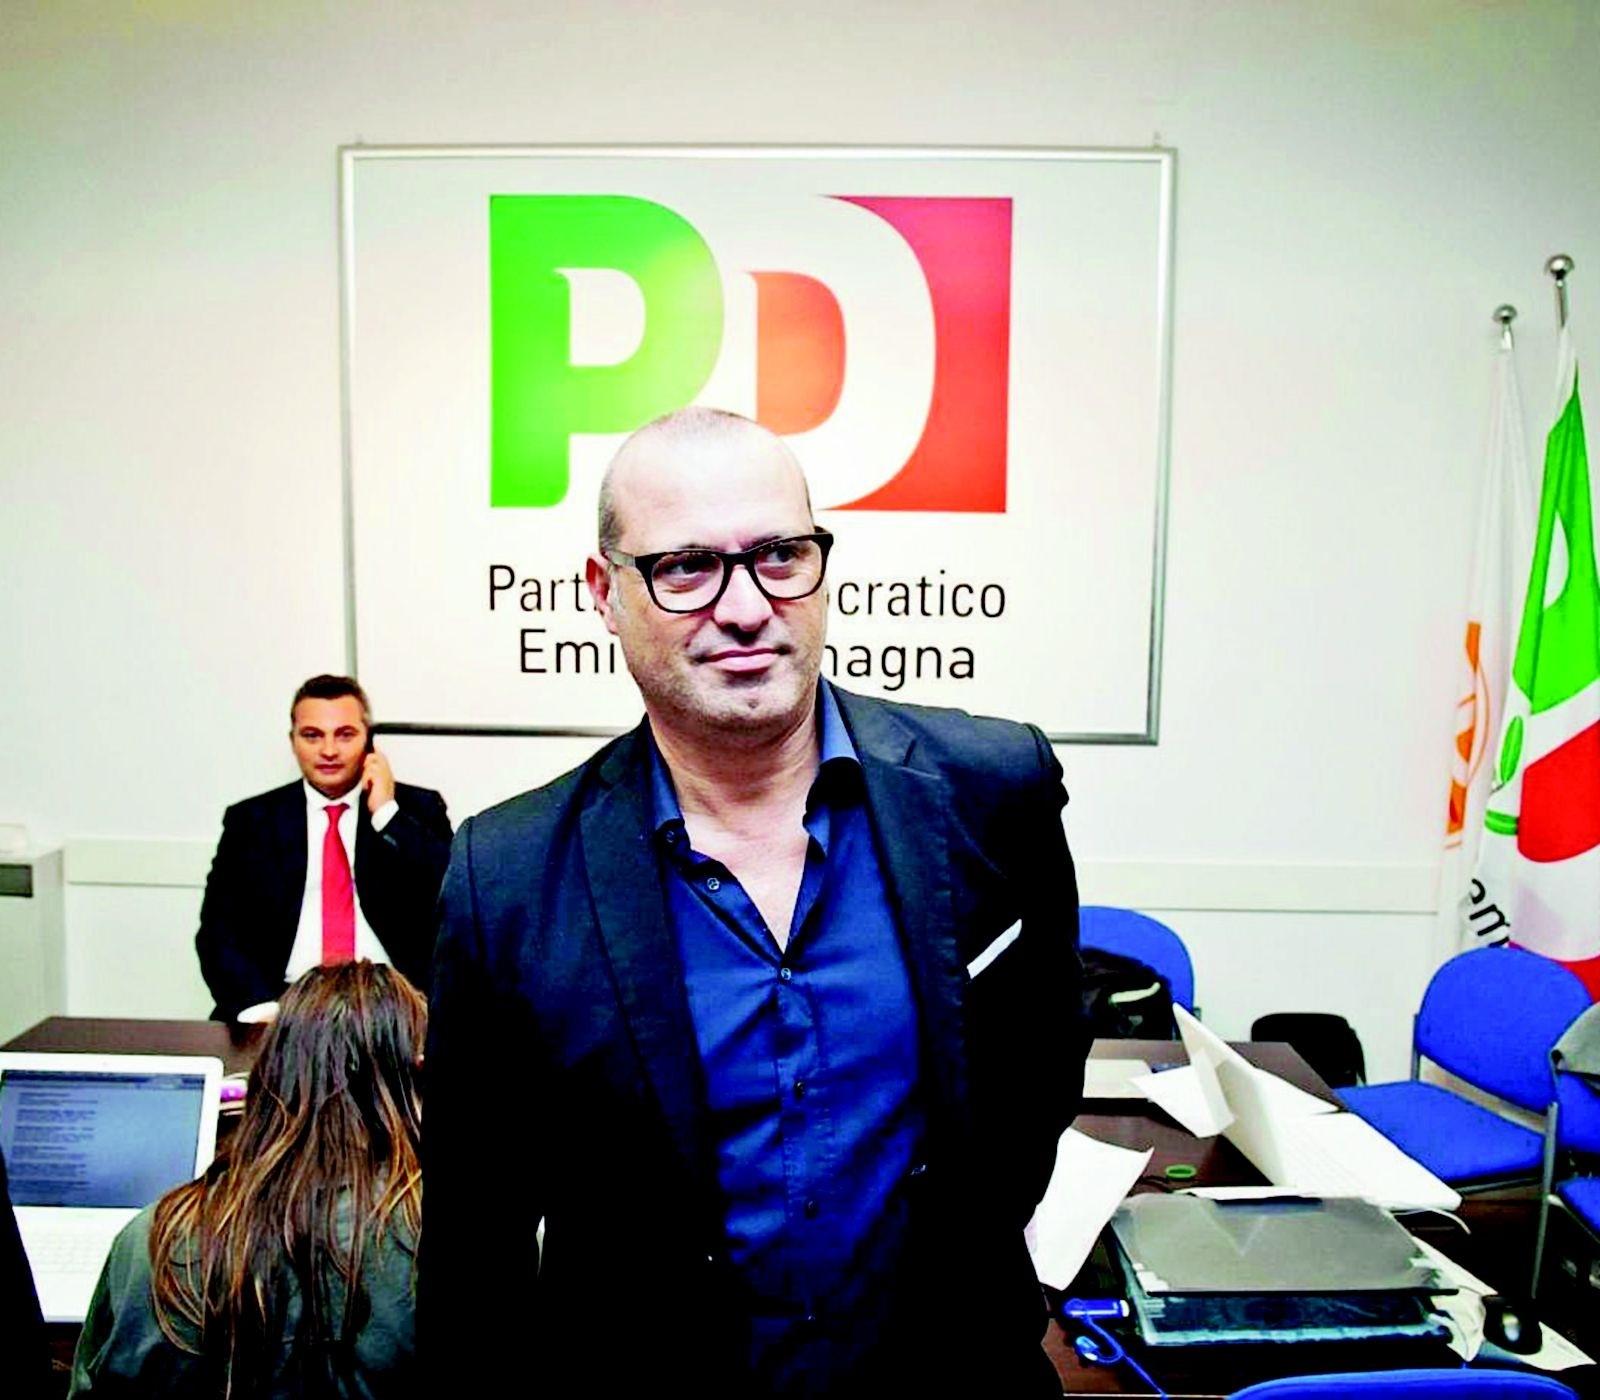 Elezioni europee, la Lega primo partito in Emilia-Romagna sfiora il 34%